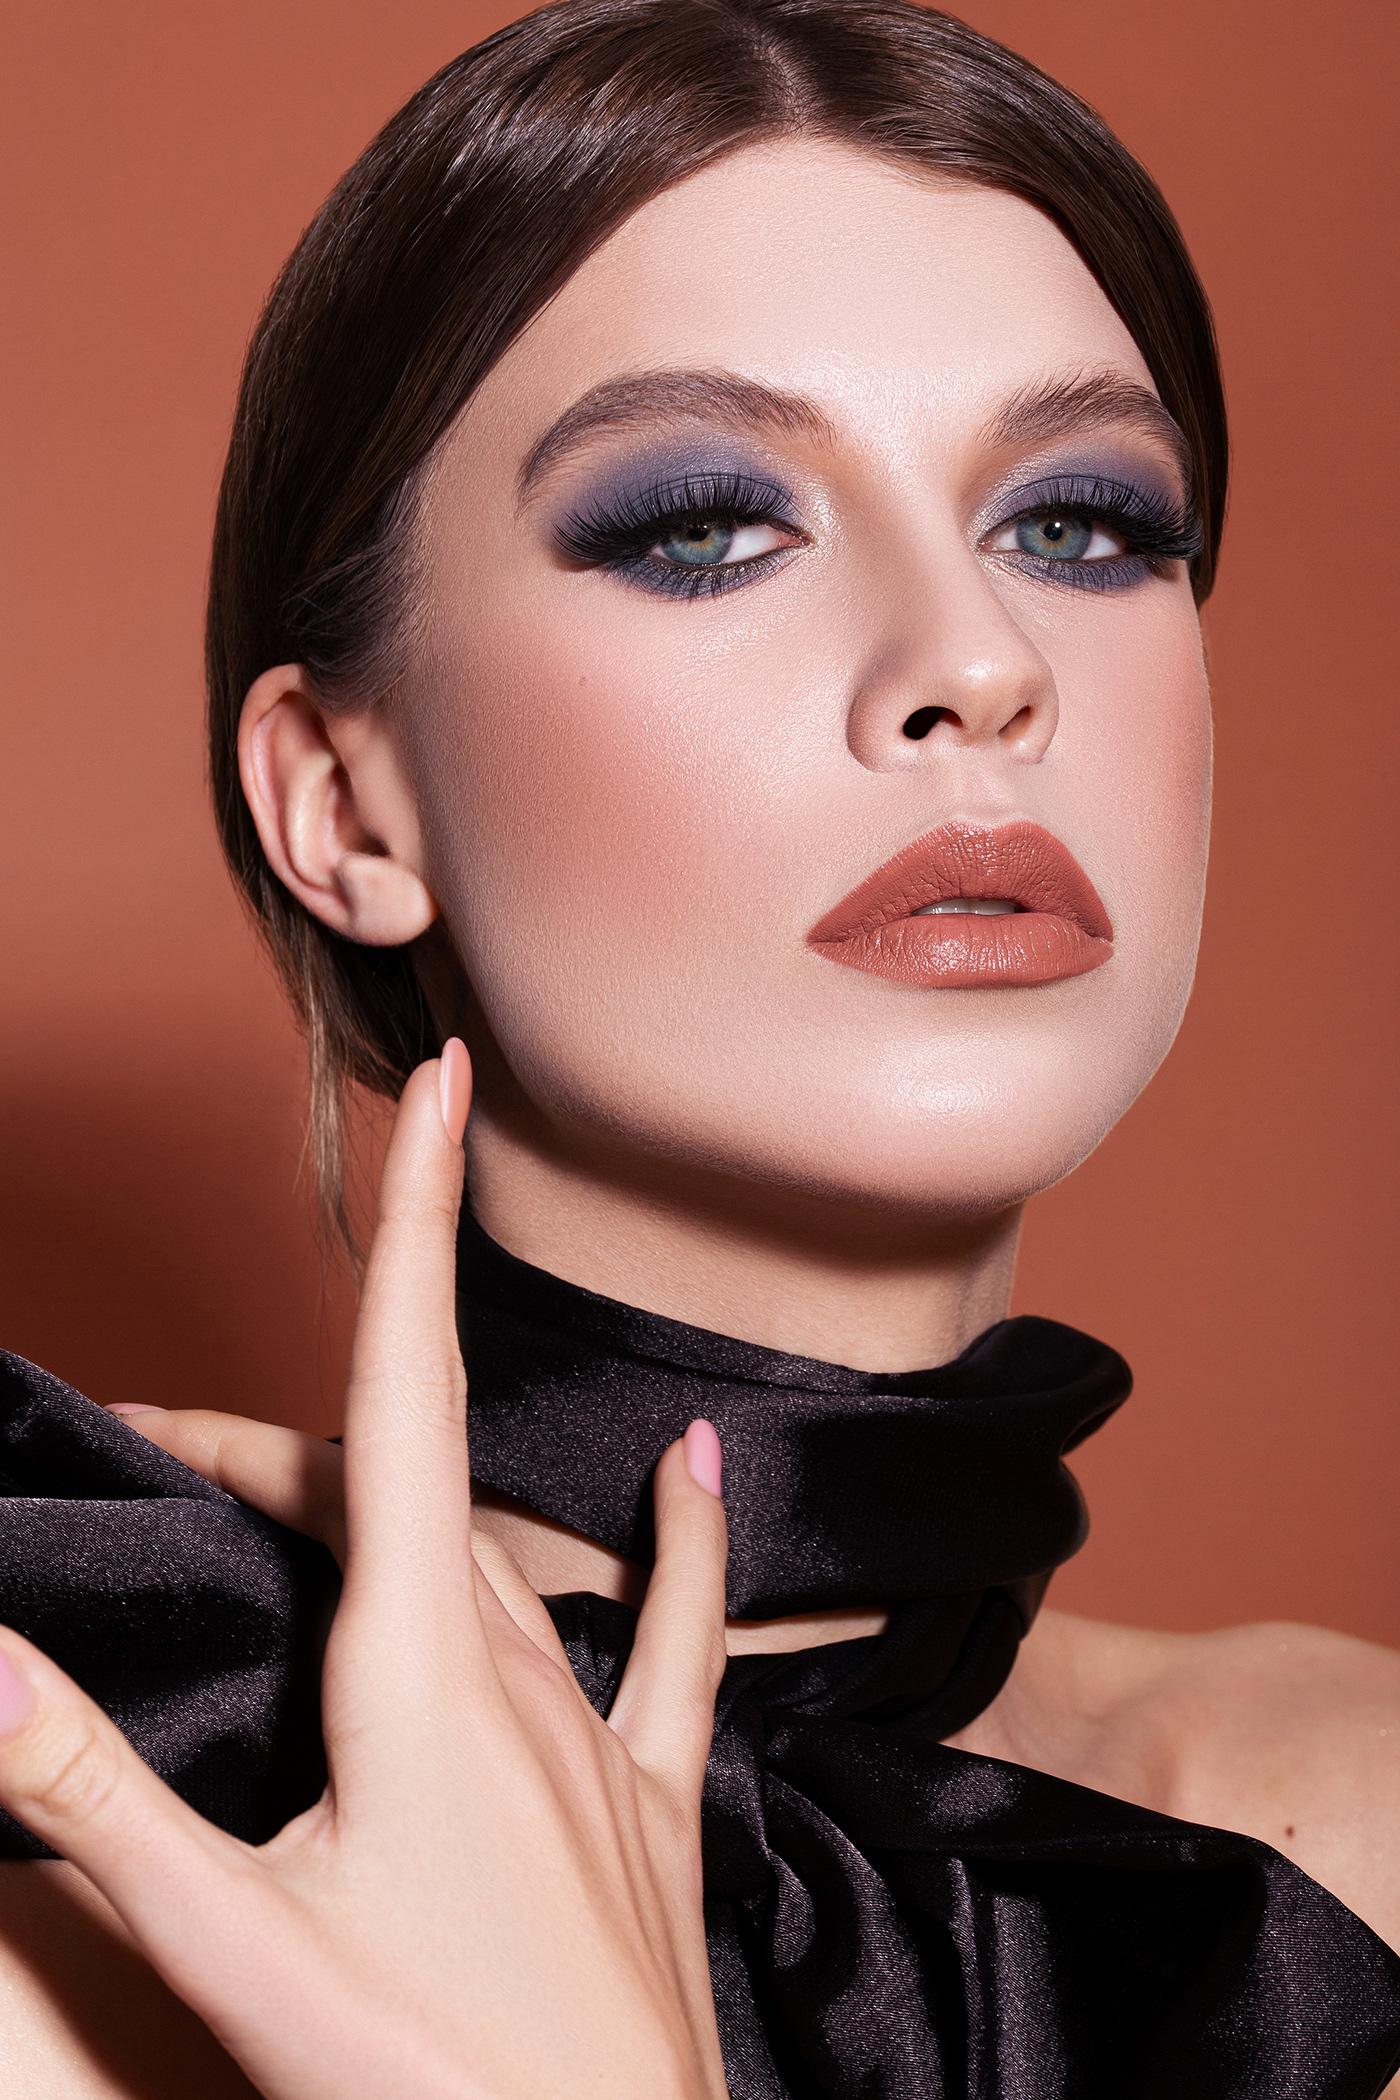 Fashion  makeup model retouch